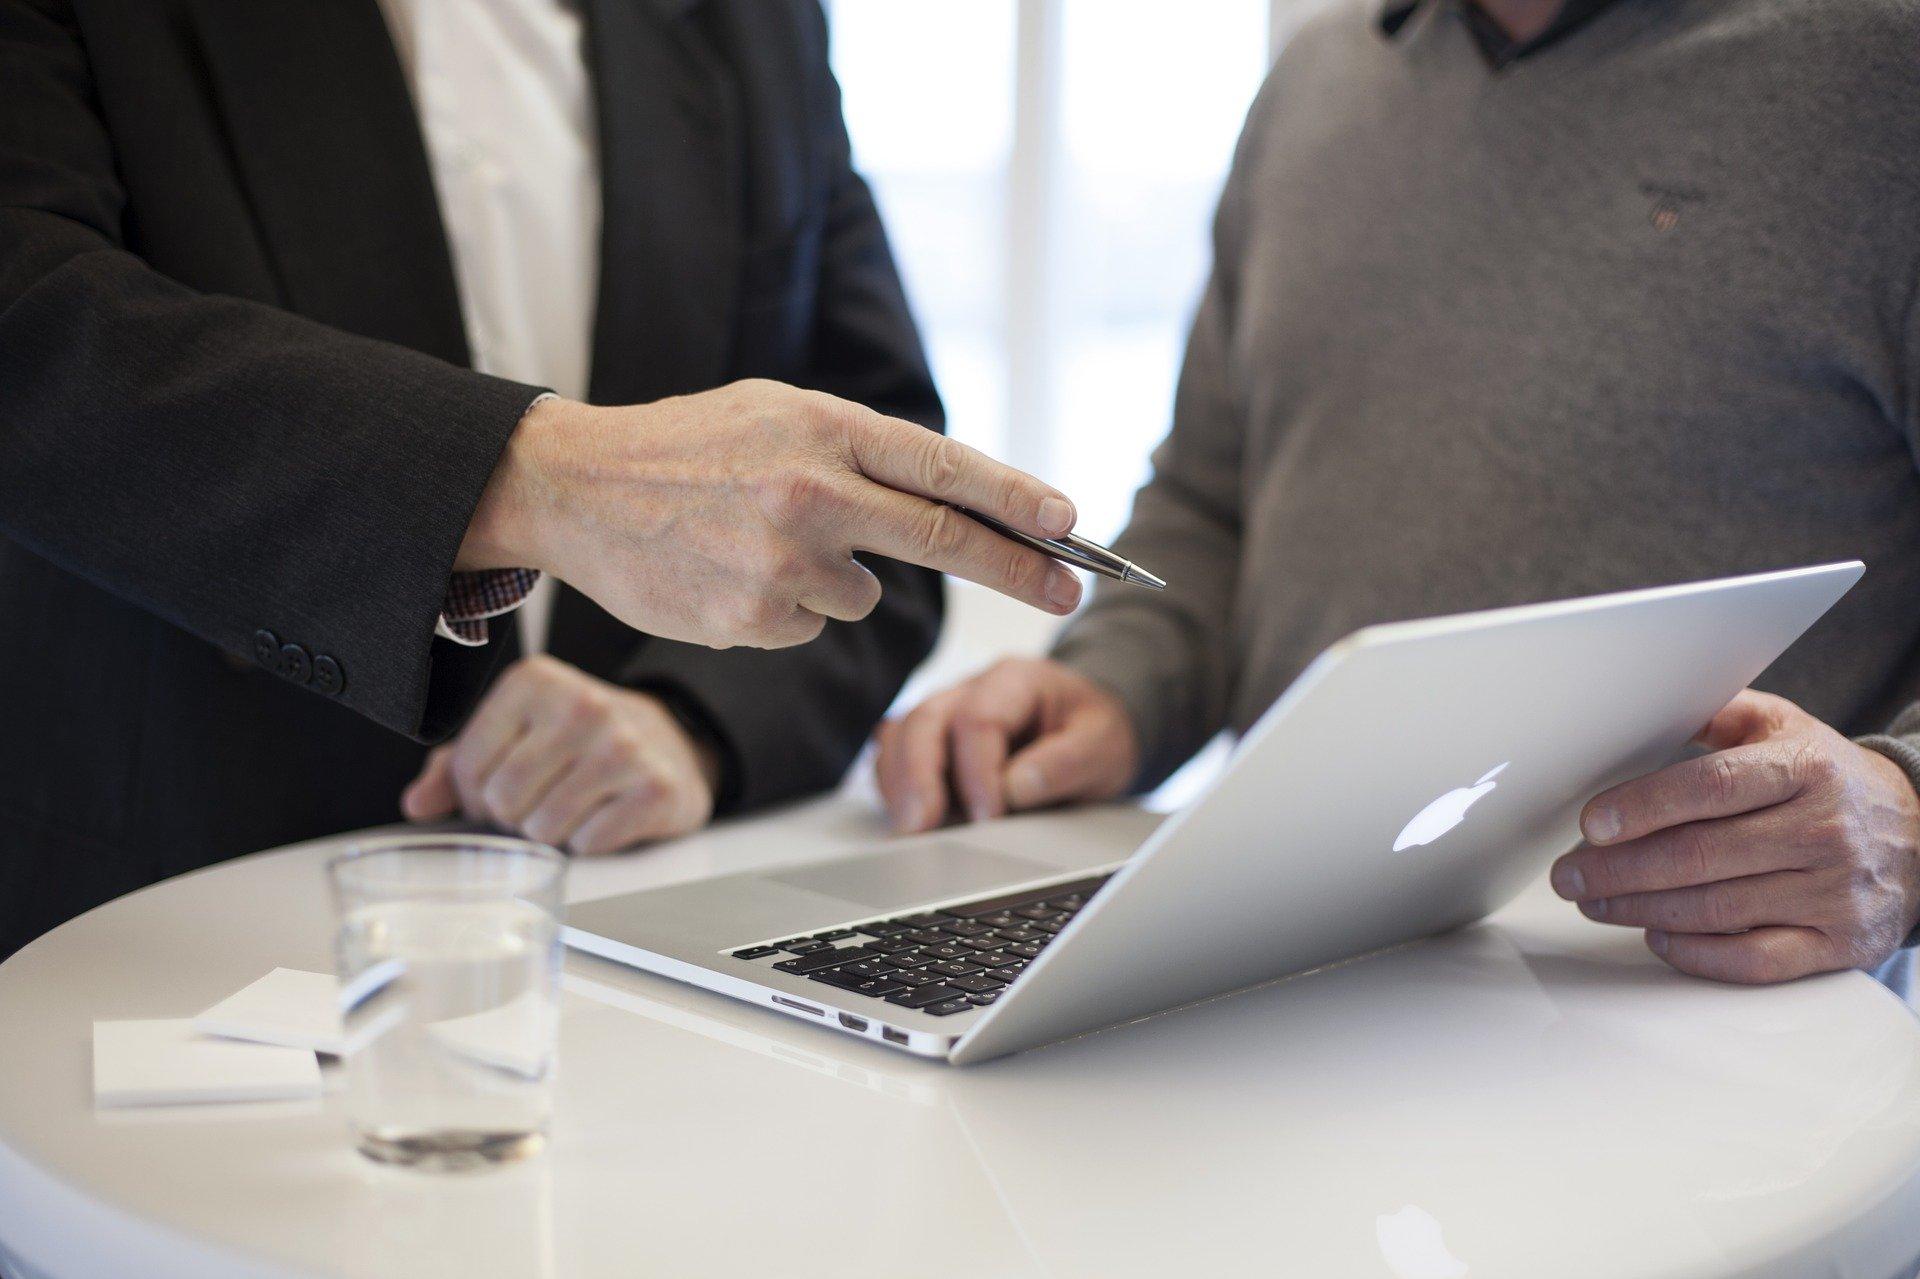 ¿Cómo vestir para una entrevista de trabajo? Hombres 2021